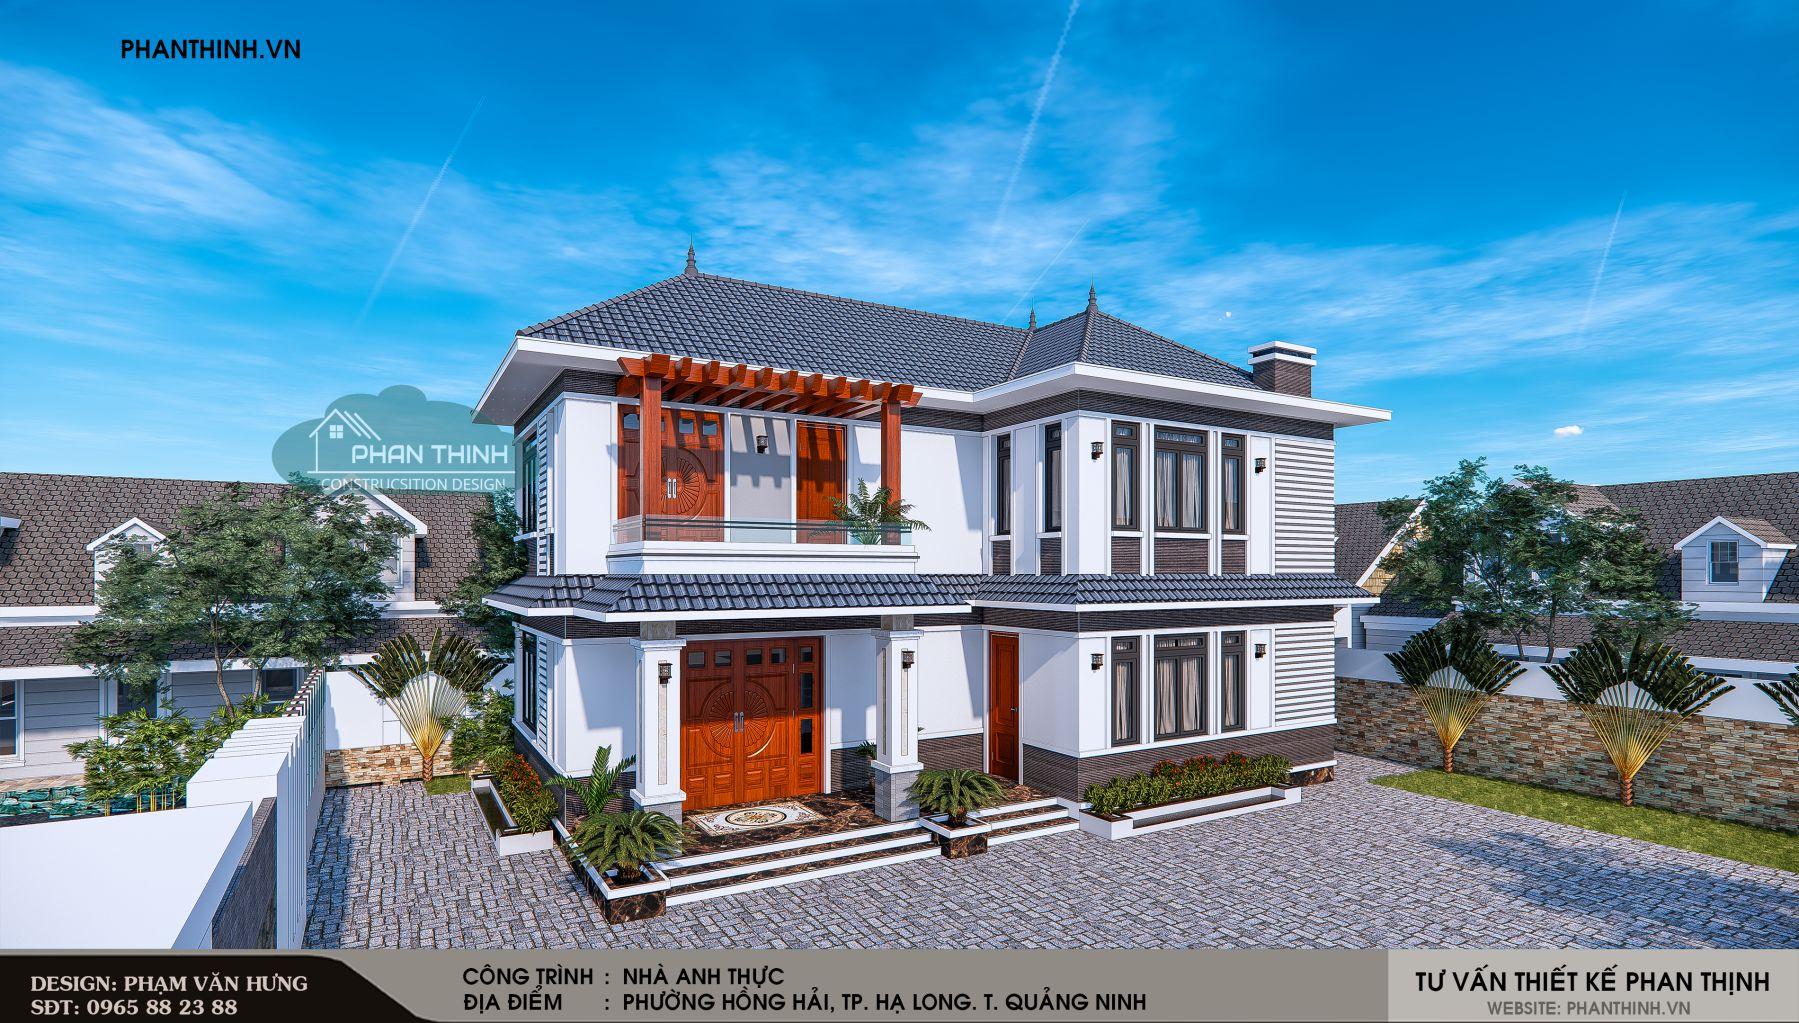 góc phối cảnh mặt tiền nhà mái thái 2 tầng